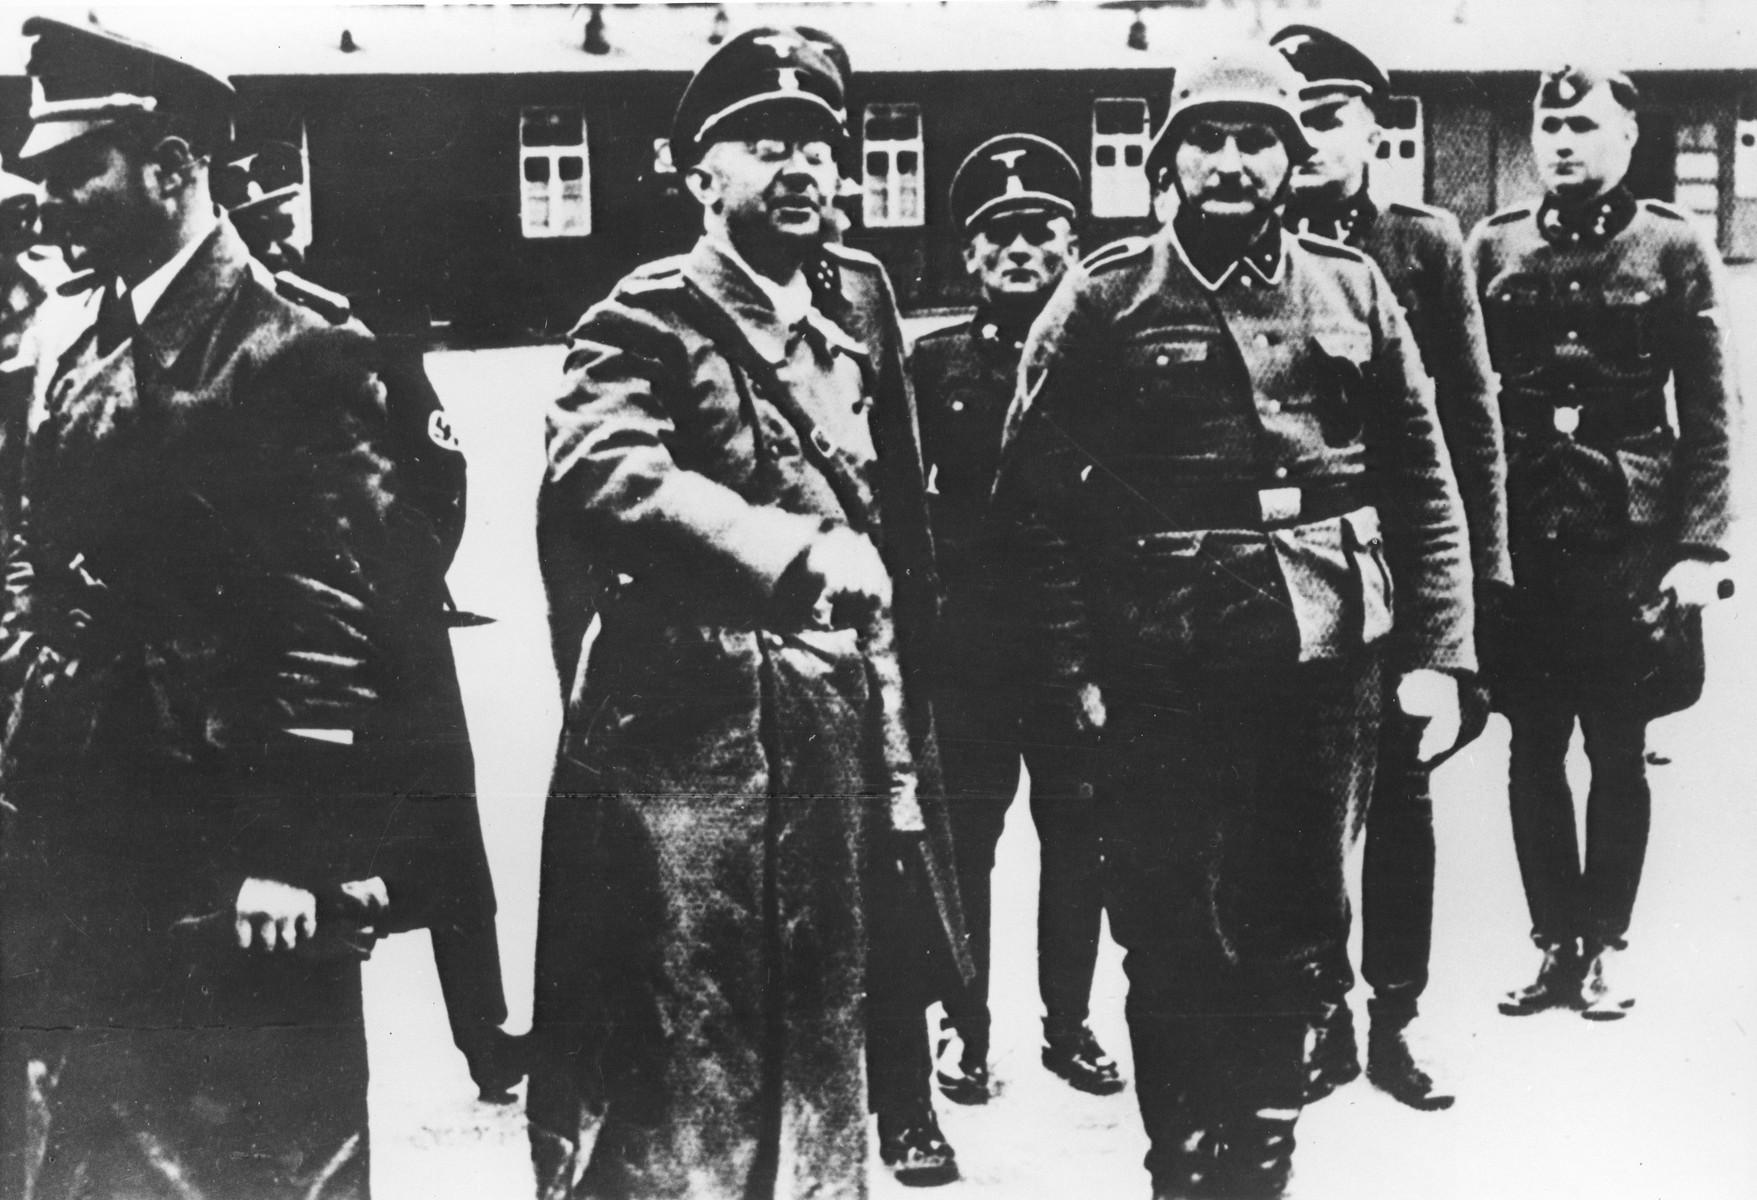 Himmler visits a concentration camp.